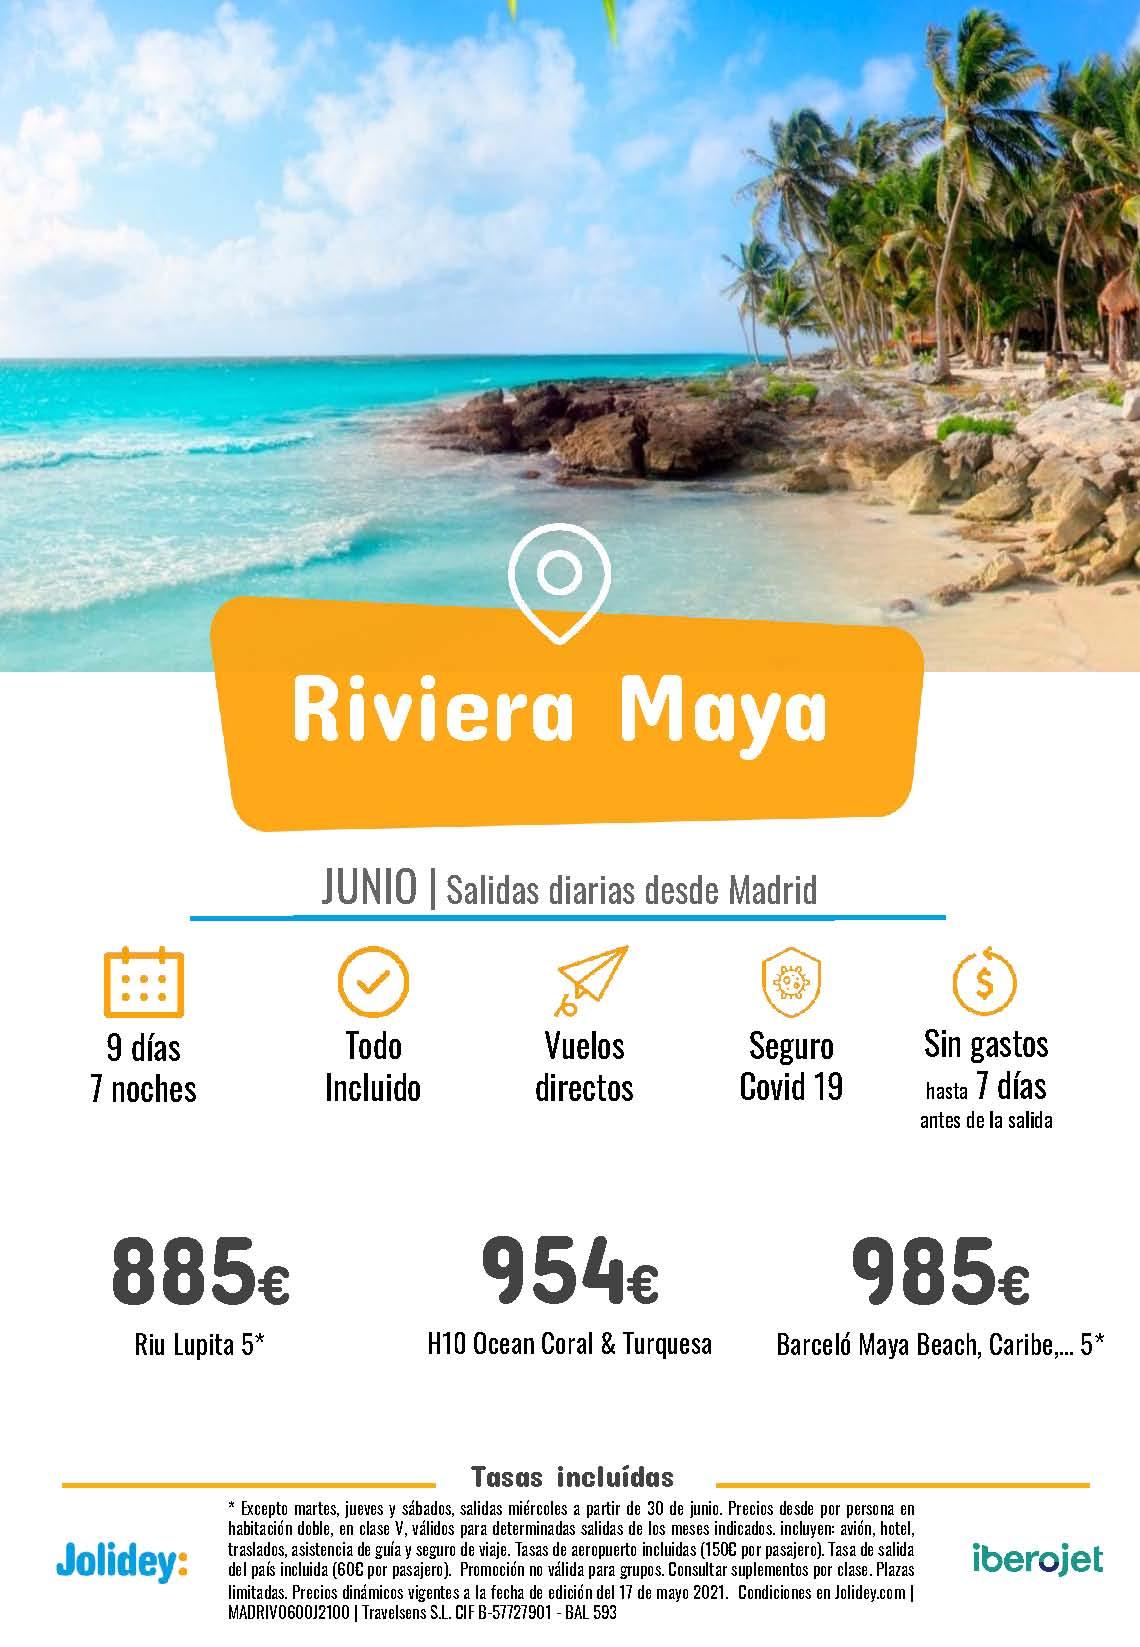 Ofertas Jolidey Riviera Maya Junio 2021 vuelo directo desde Madrid